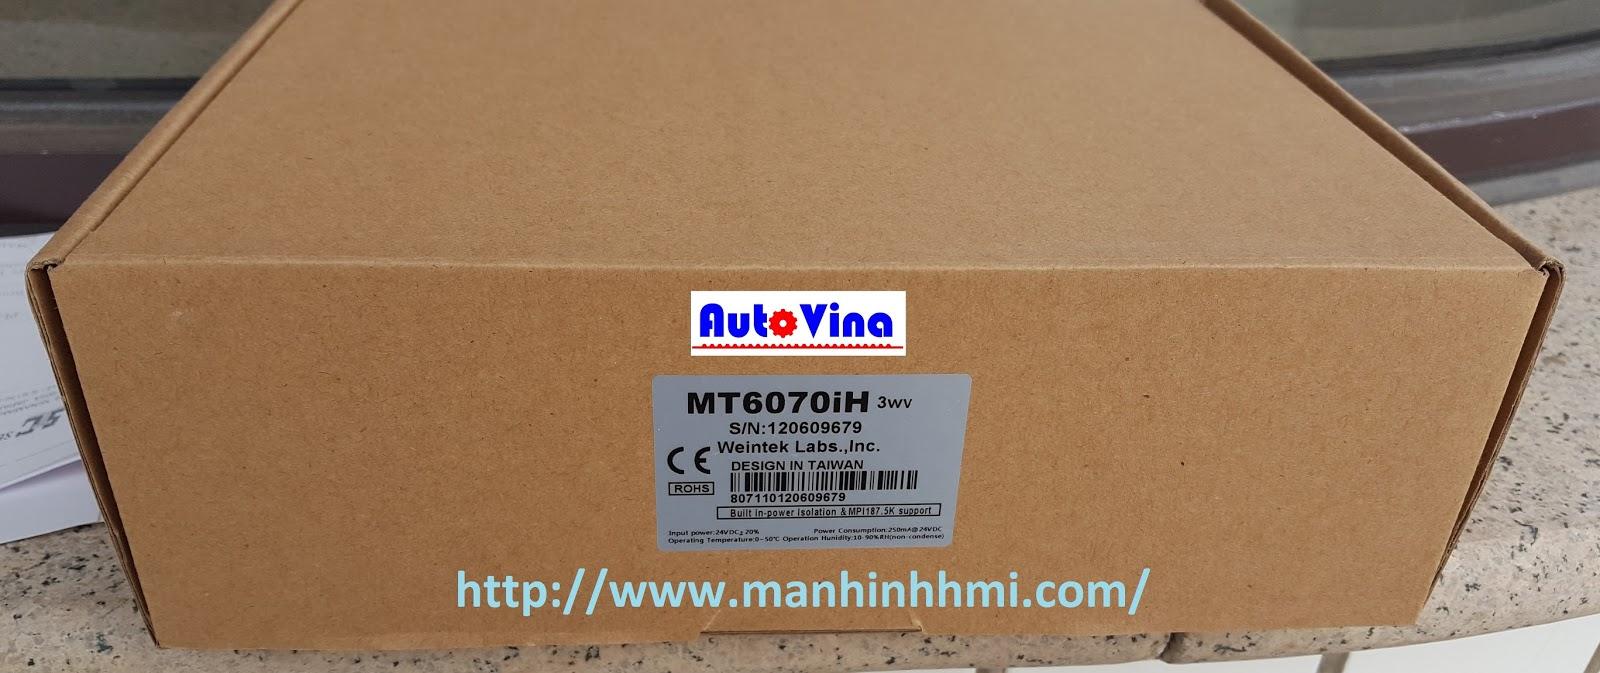 Vỏ họp màn hình MT6070iH trong kho Công ty TNHH Cơ Điện Auto Vina